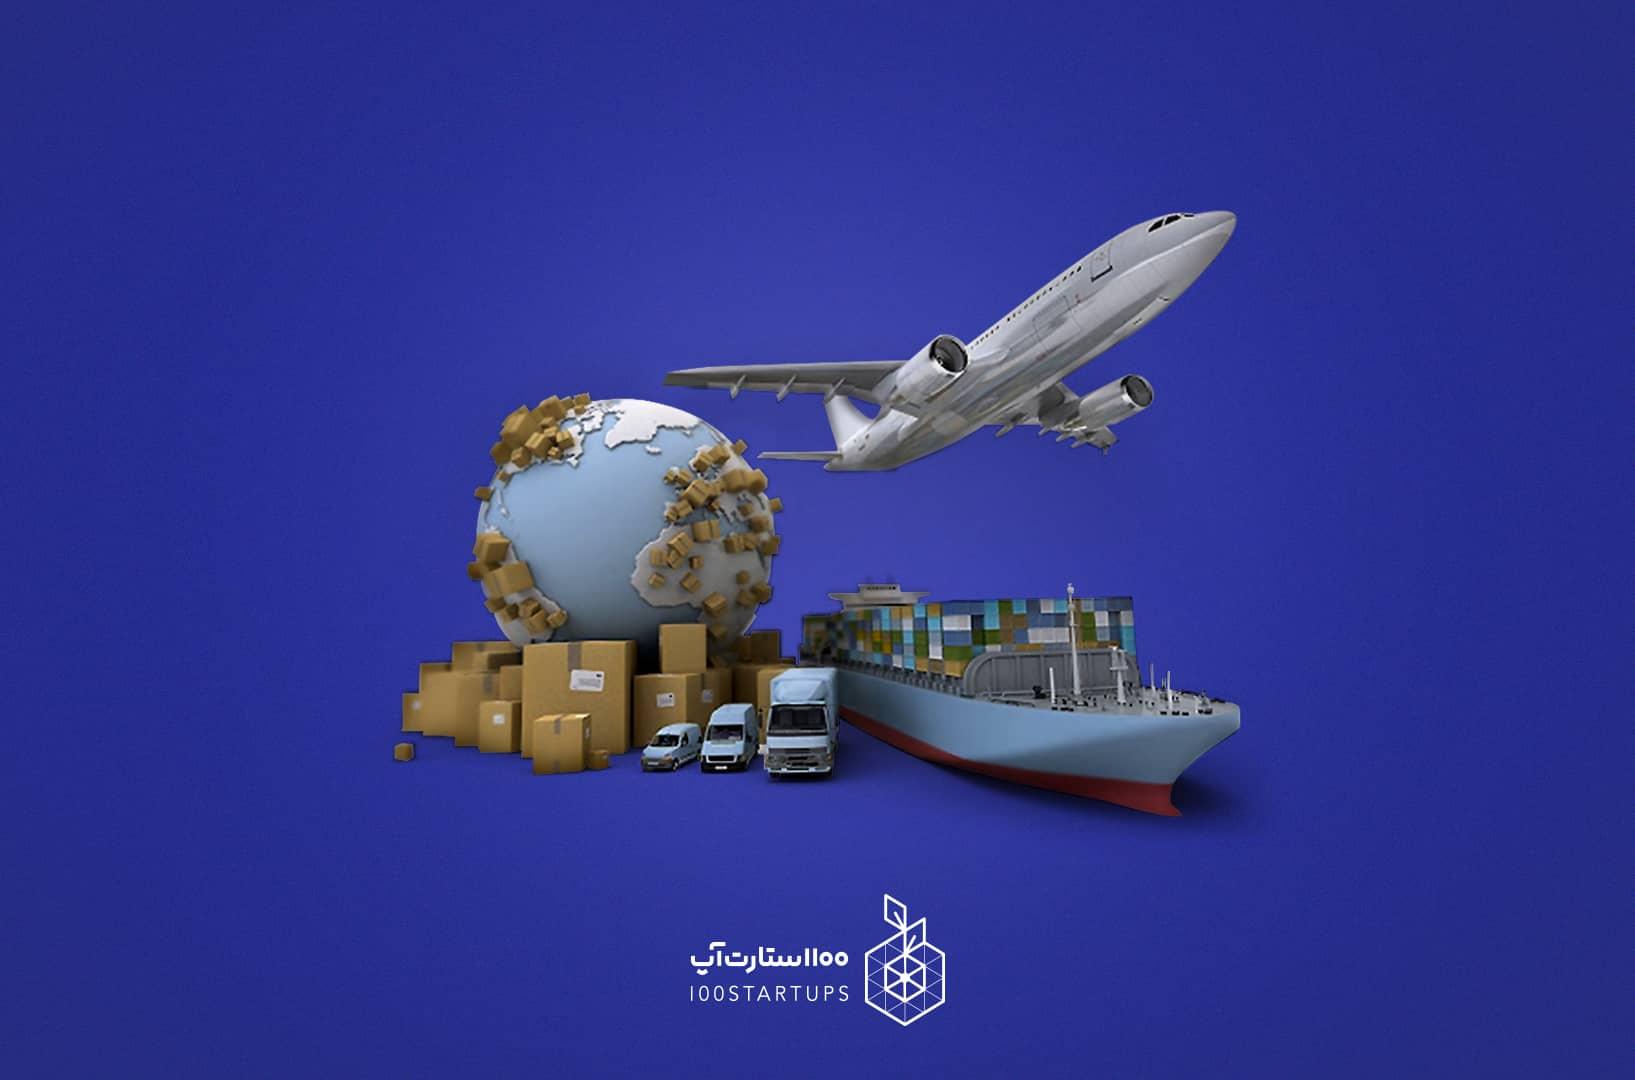 یادداشت خلاصه کتاب استراتژی بازاریابی صادرات در سایت 100استارتآپ